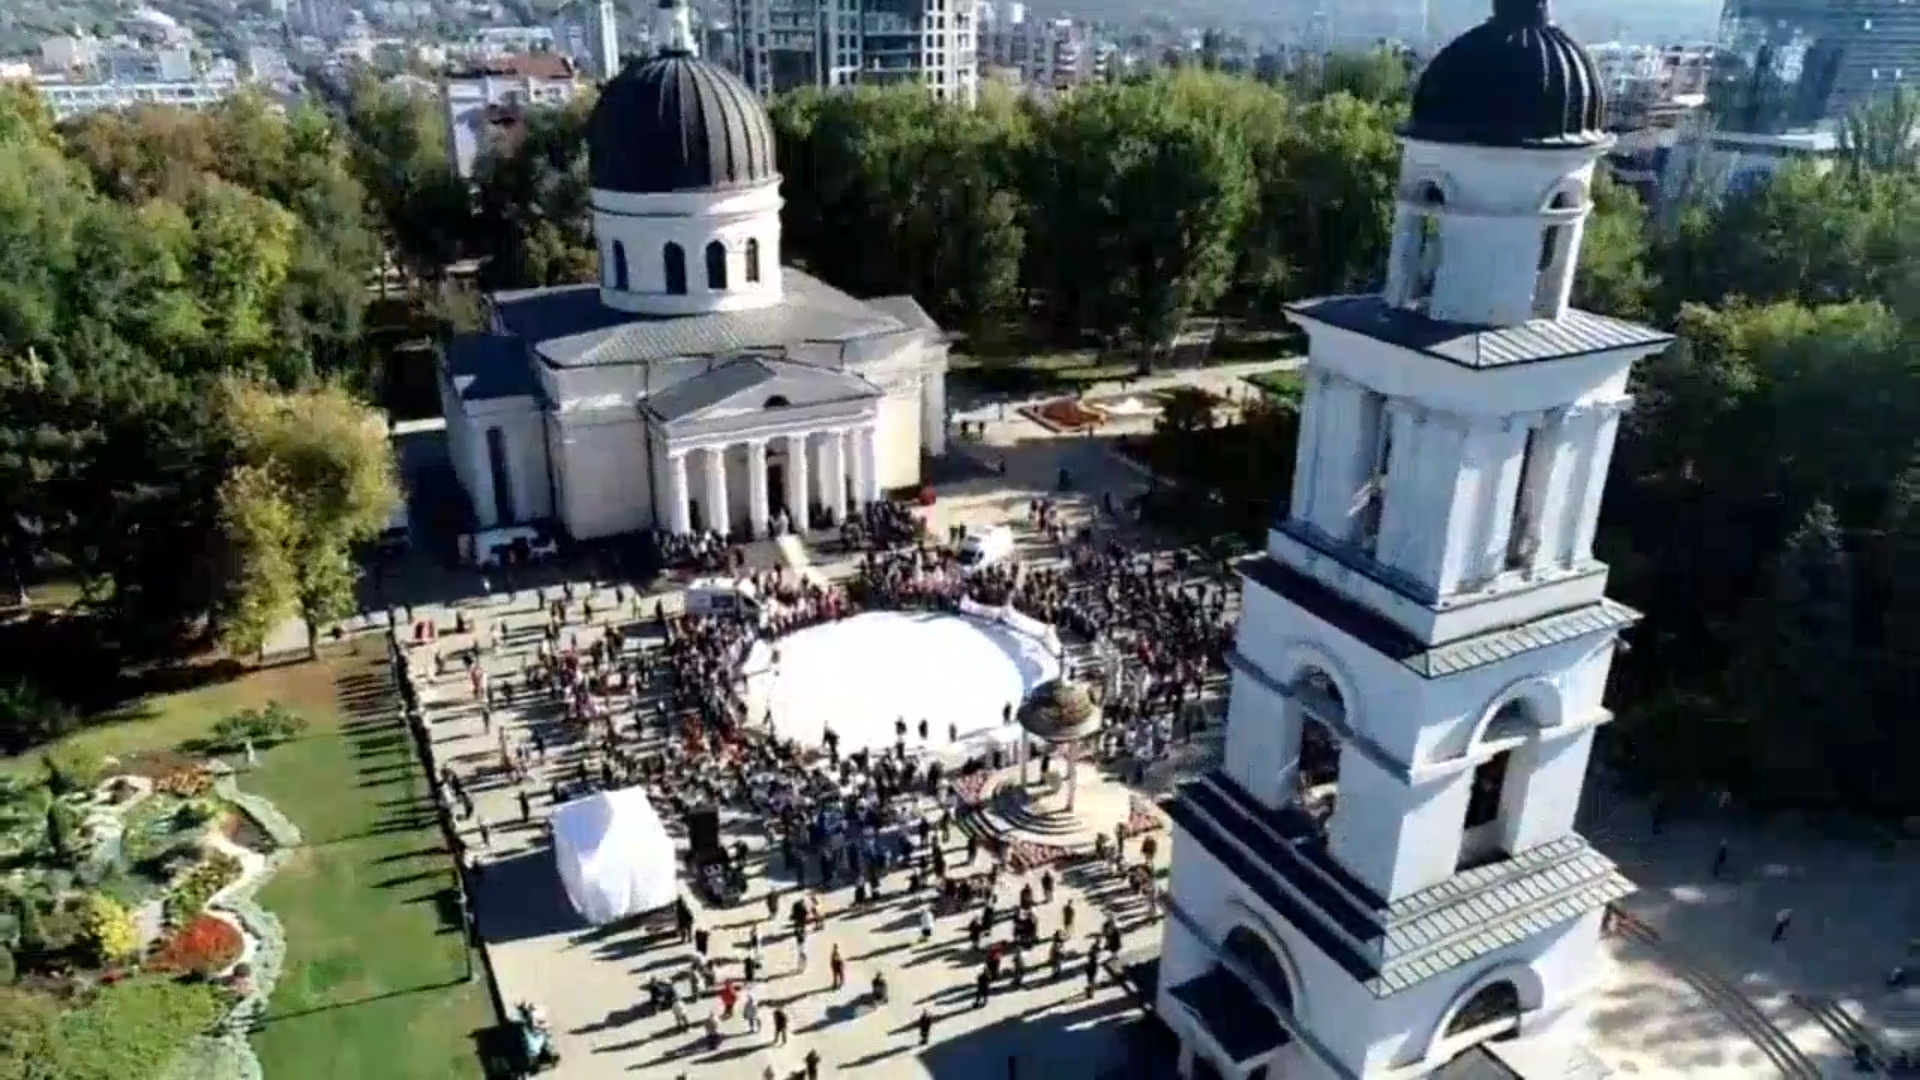 Церковная служба, танцы, врачи сиконами иникакой социальной дистанции. ВКишиневе отпраздновали День города (ФОТО/ВИДЕО)